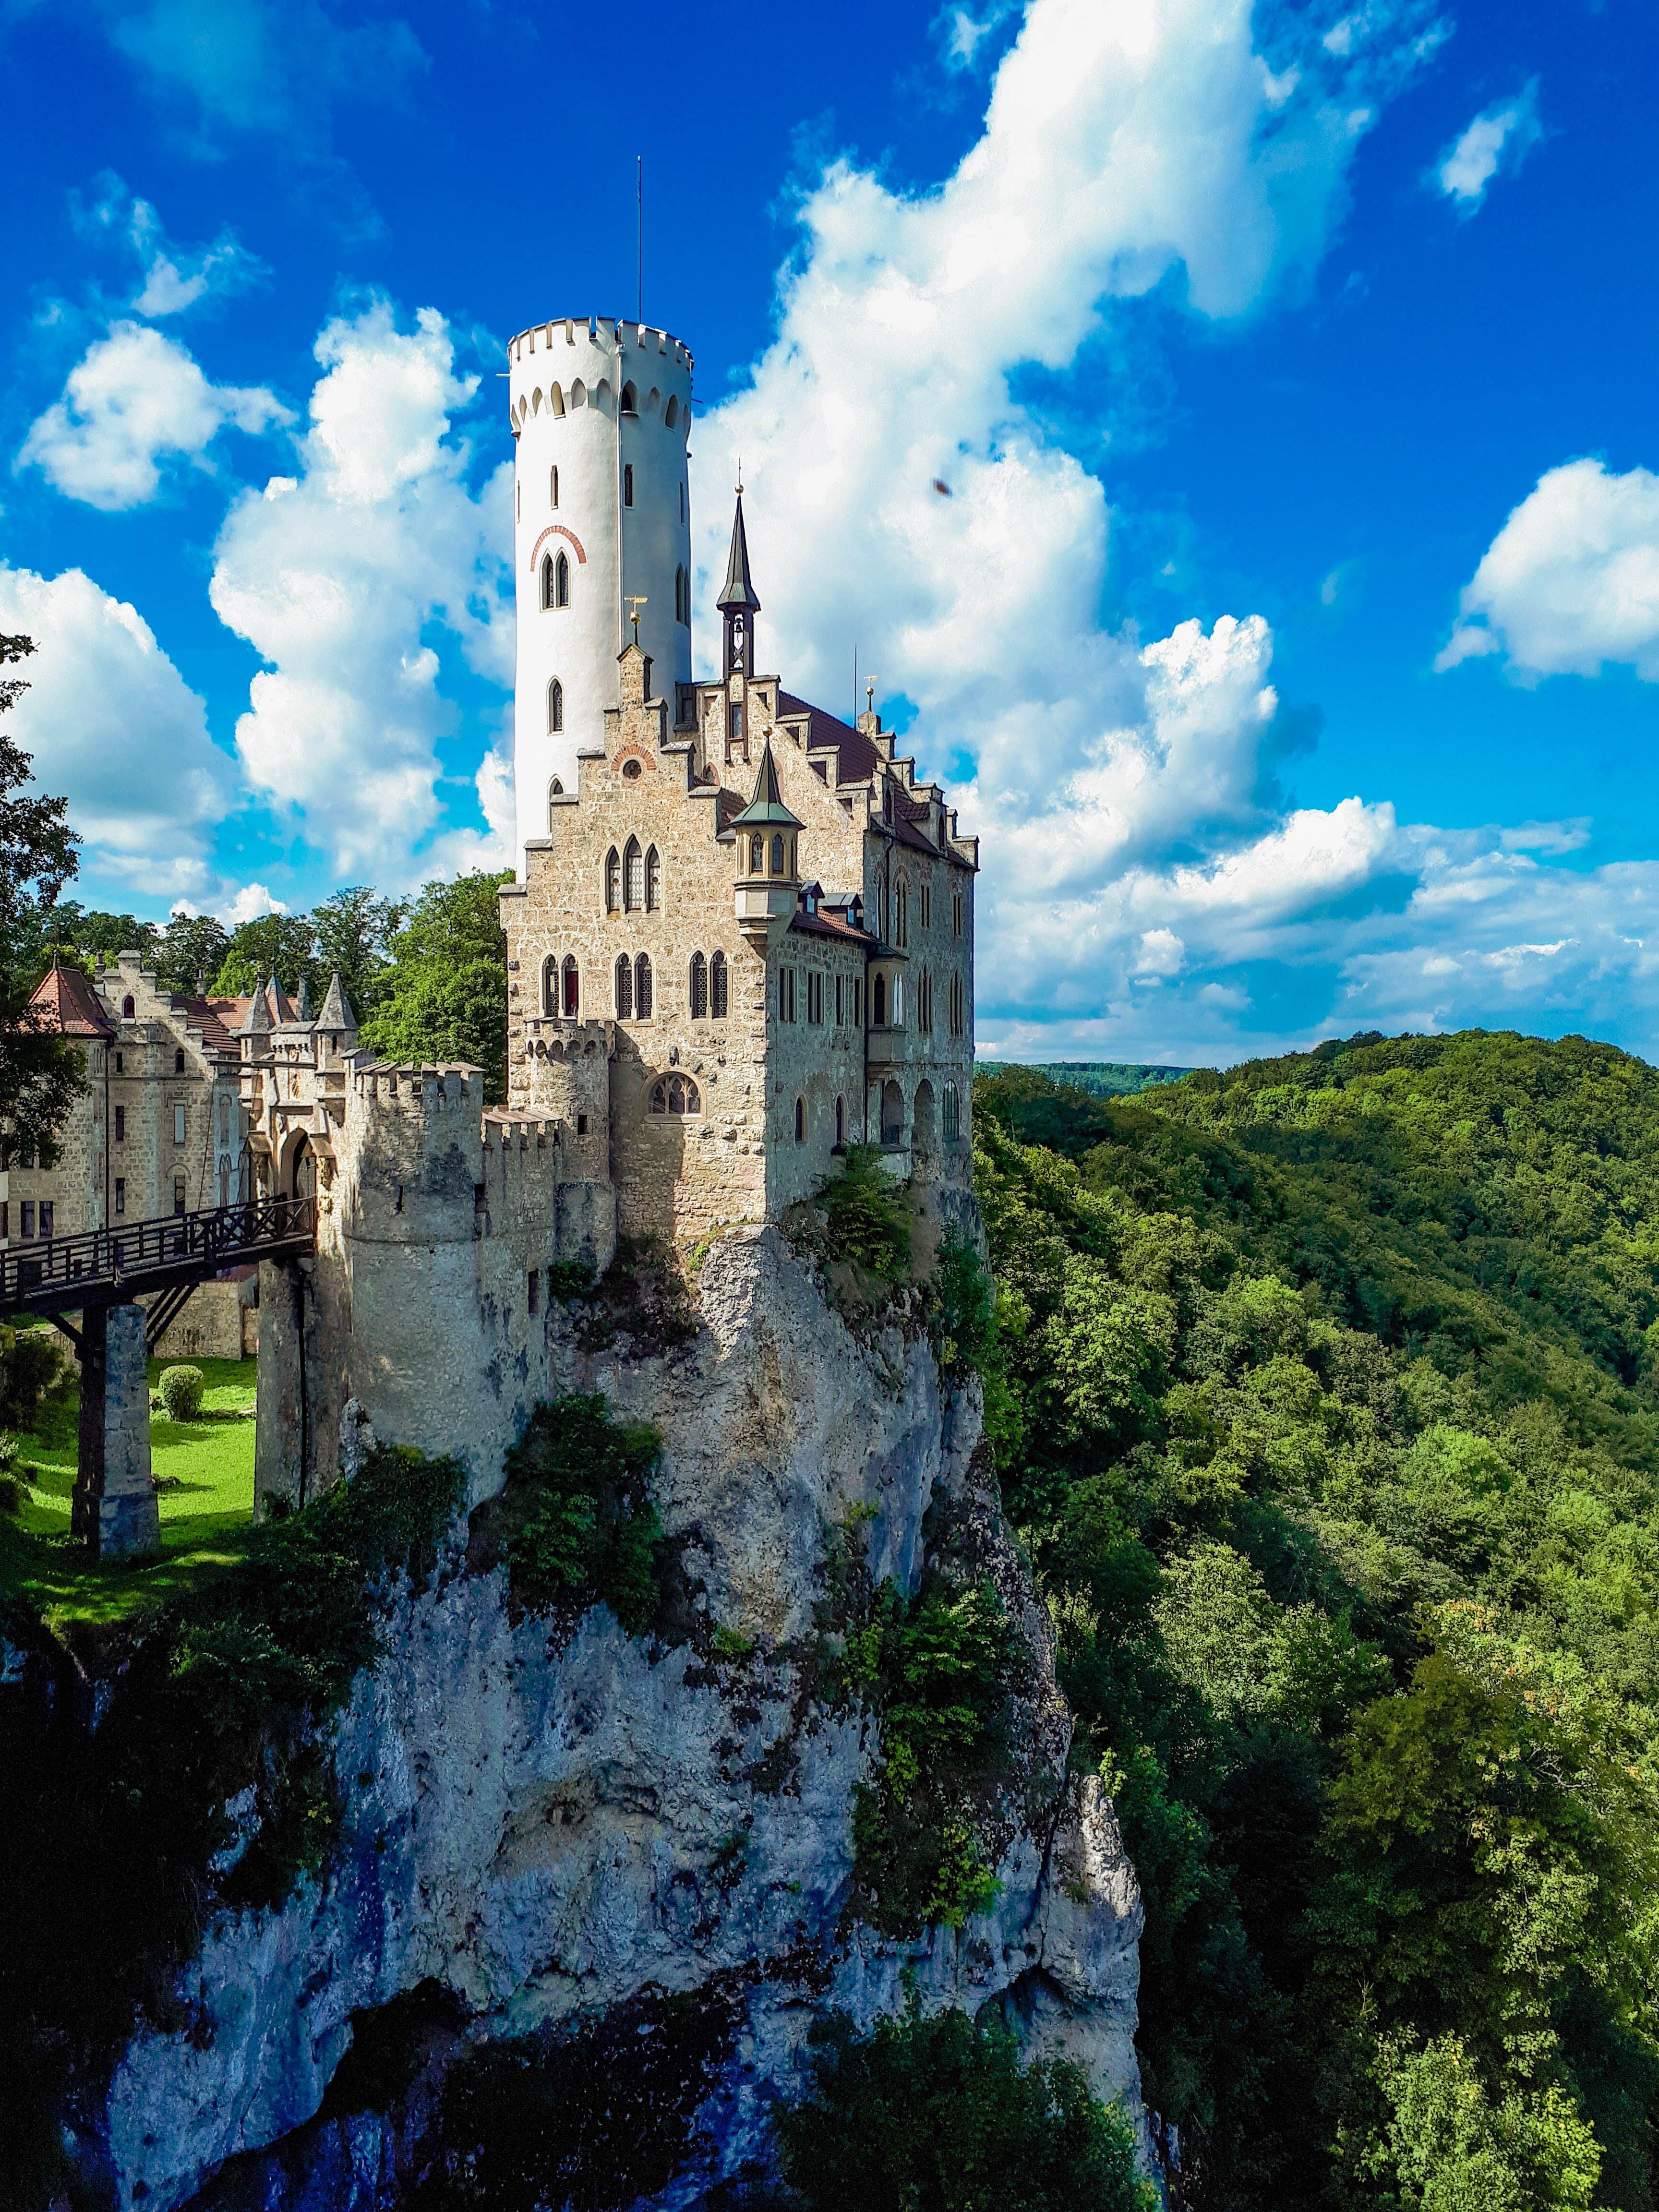 Fotos de stock gratuitas de alemán, arquitectura, atracción turística, castillo